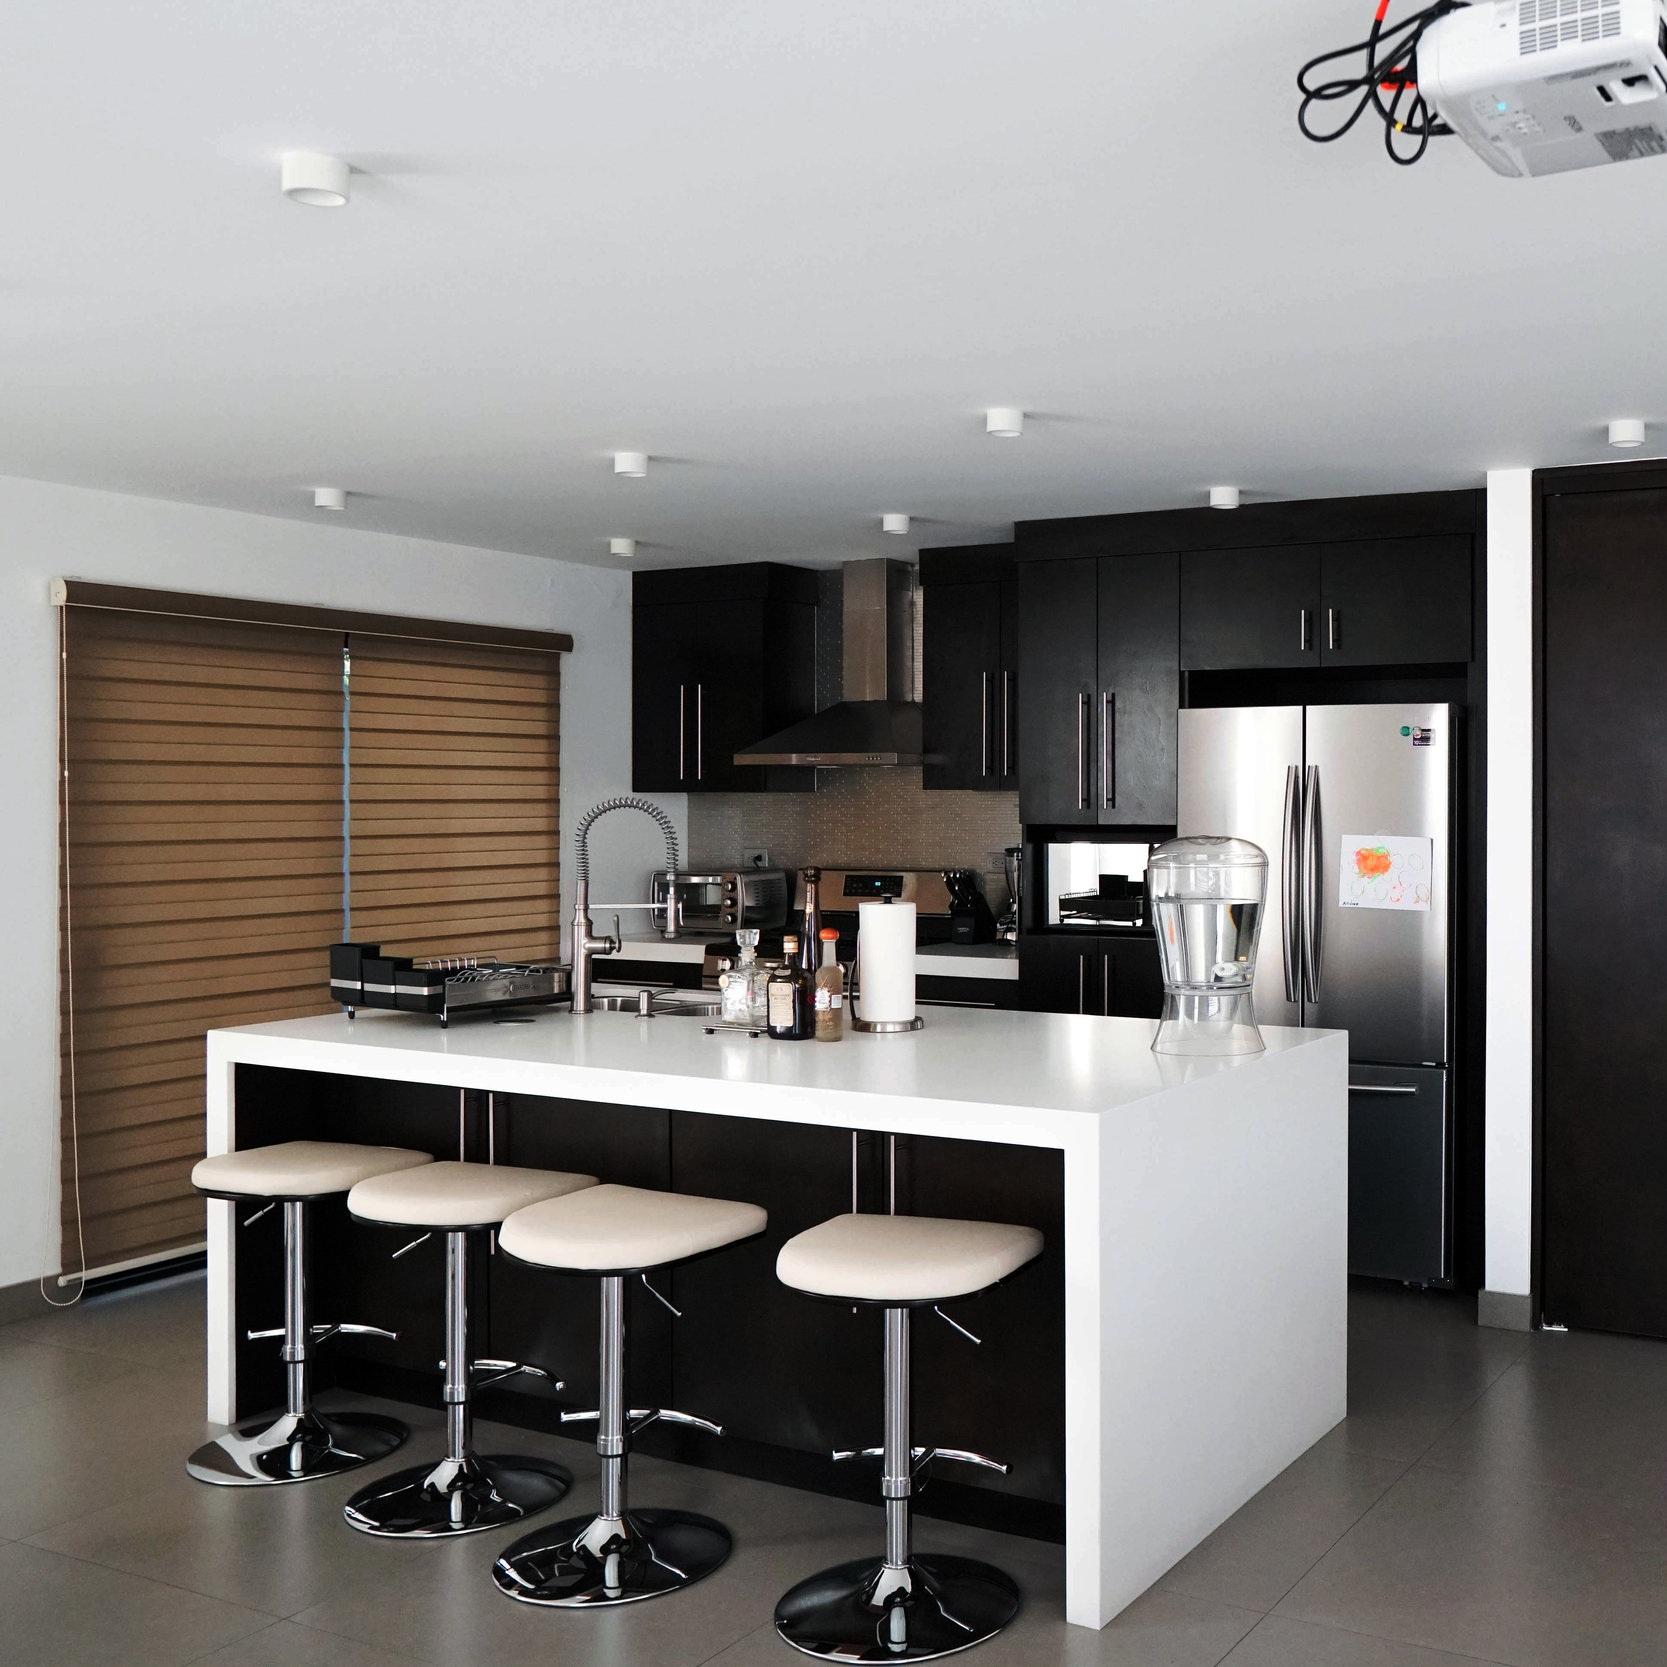 RESIDENCIAL - Trabajamos desde el proceso de diseño hasta la construcción de espacios residenciales.